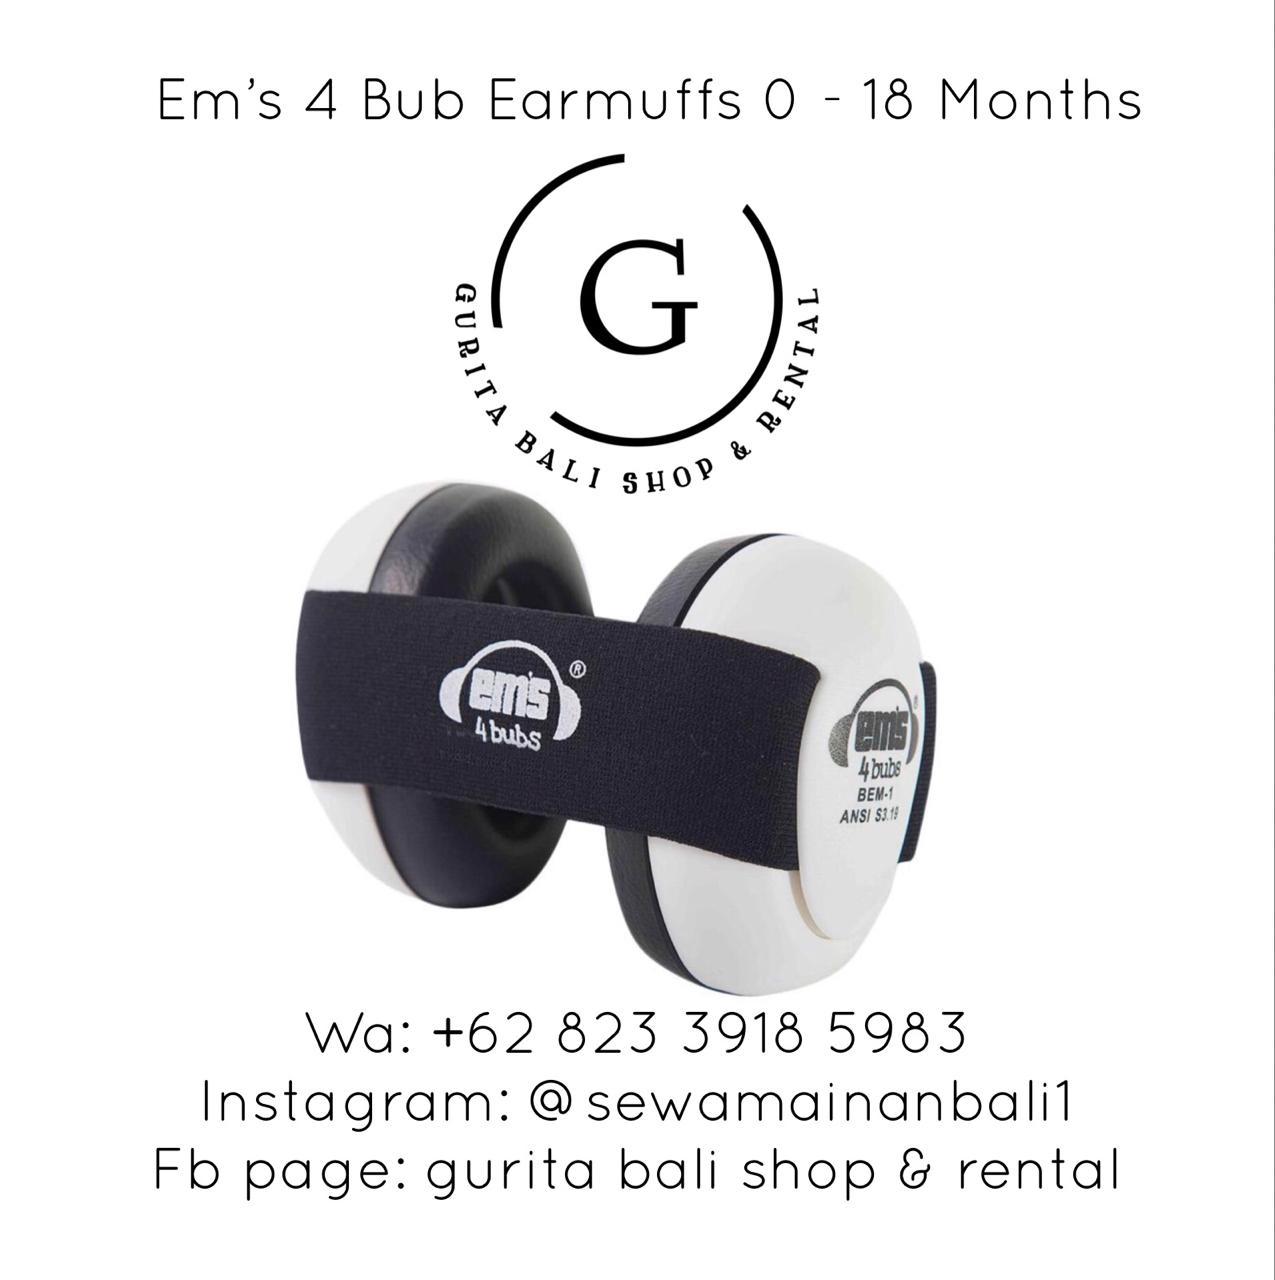 EM'S 4 BUB EARMUFFS